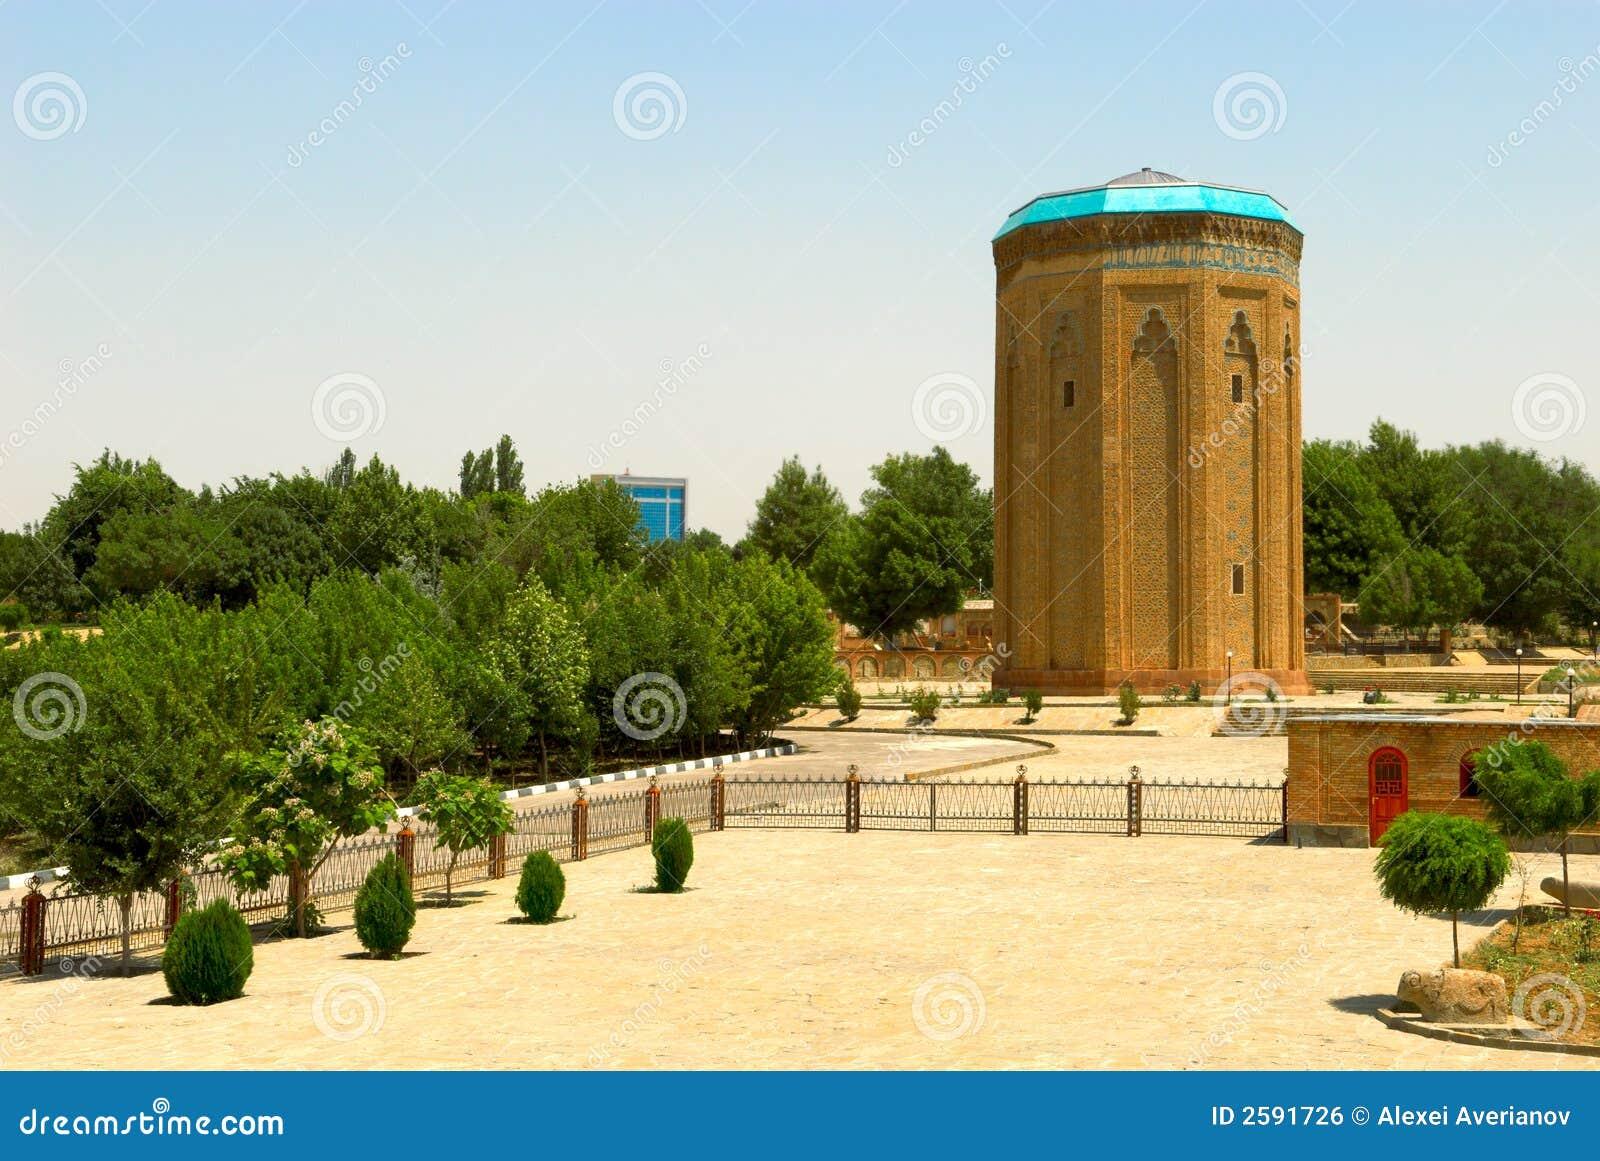 Oud oriënteer toren